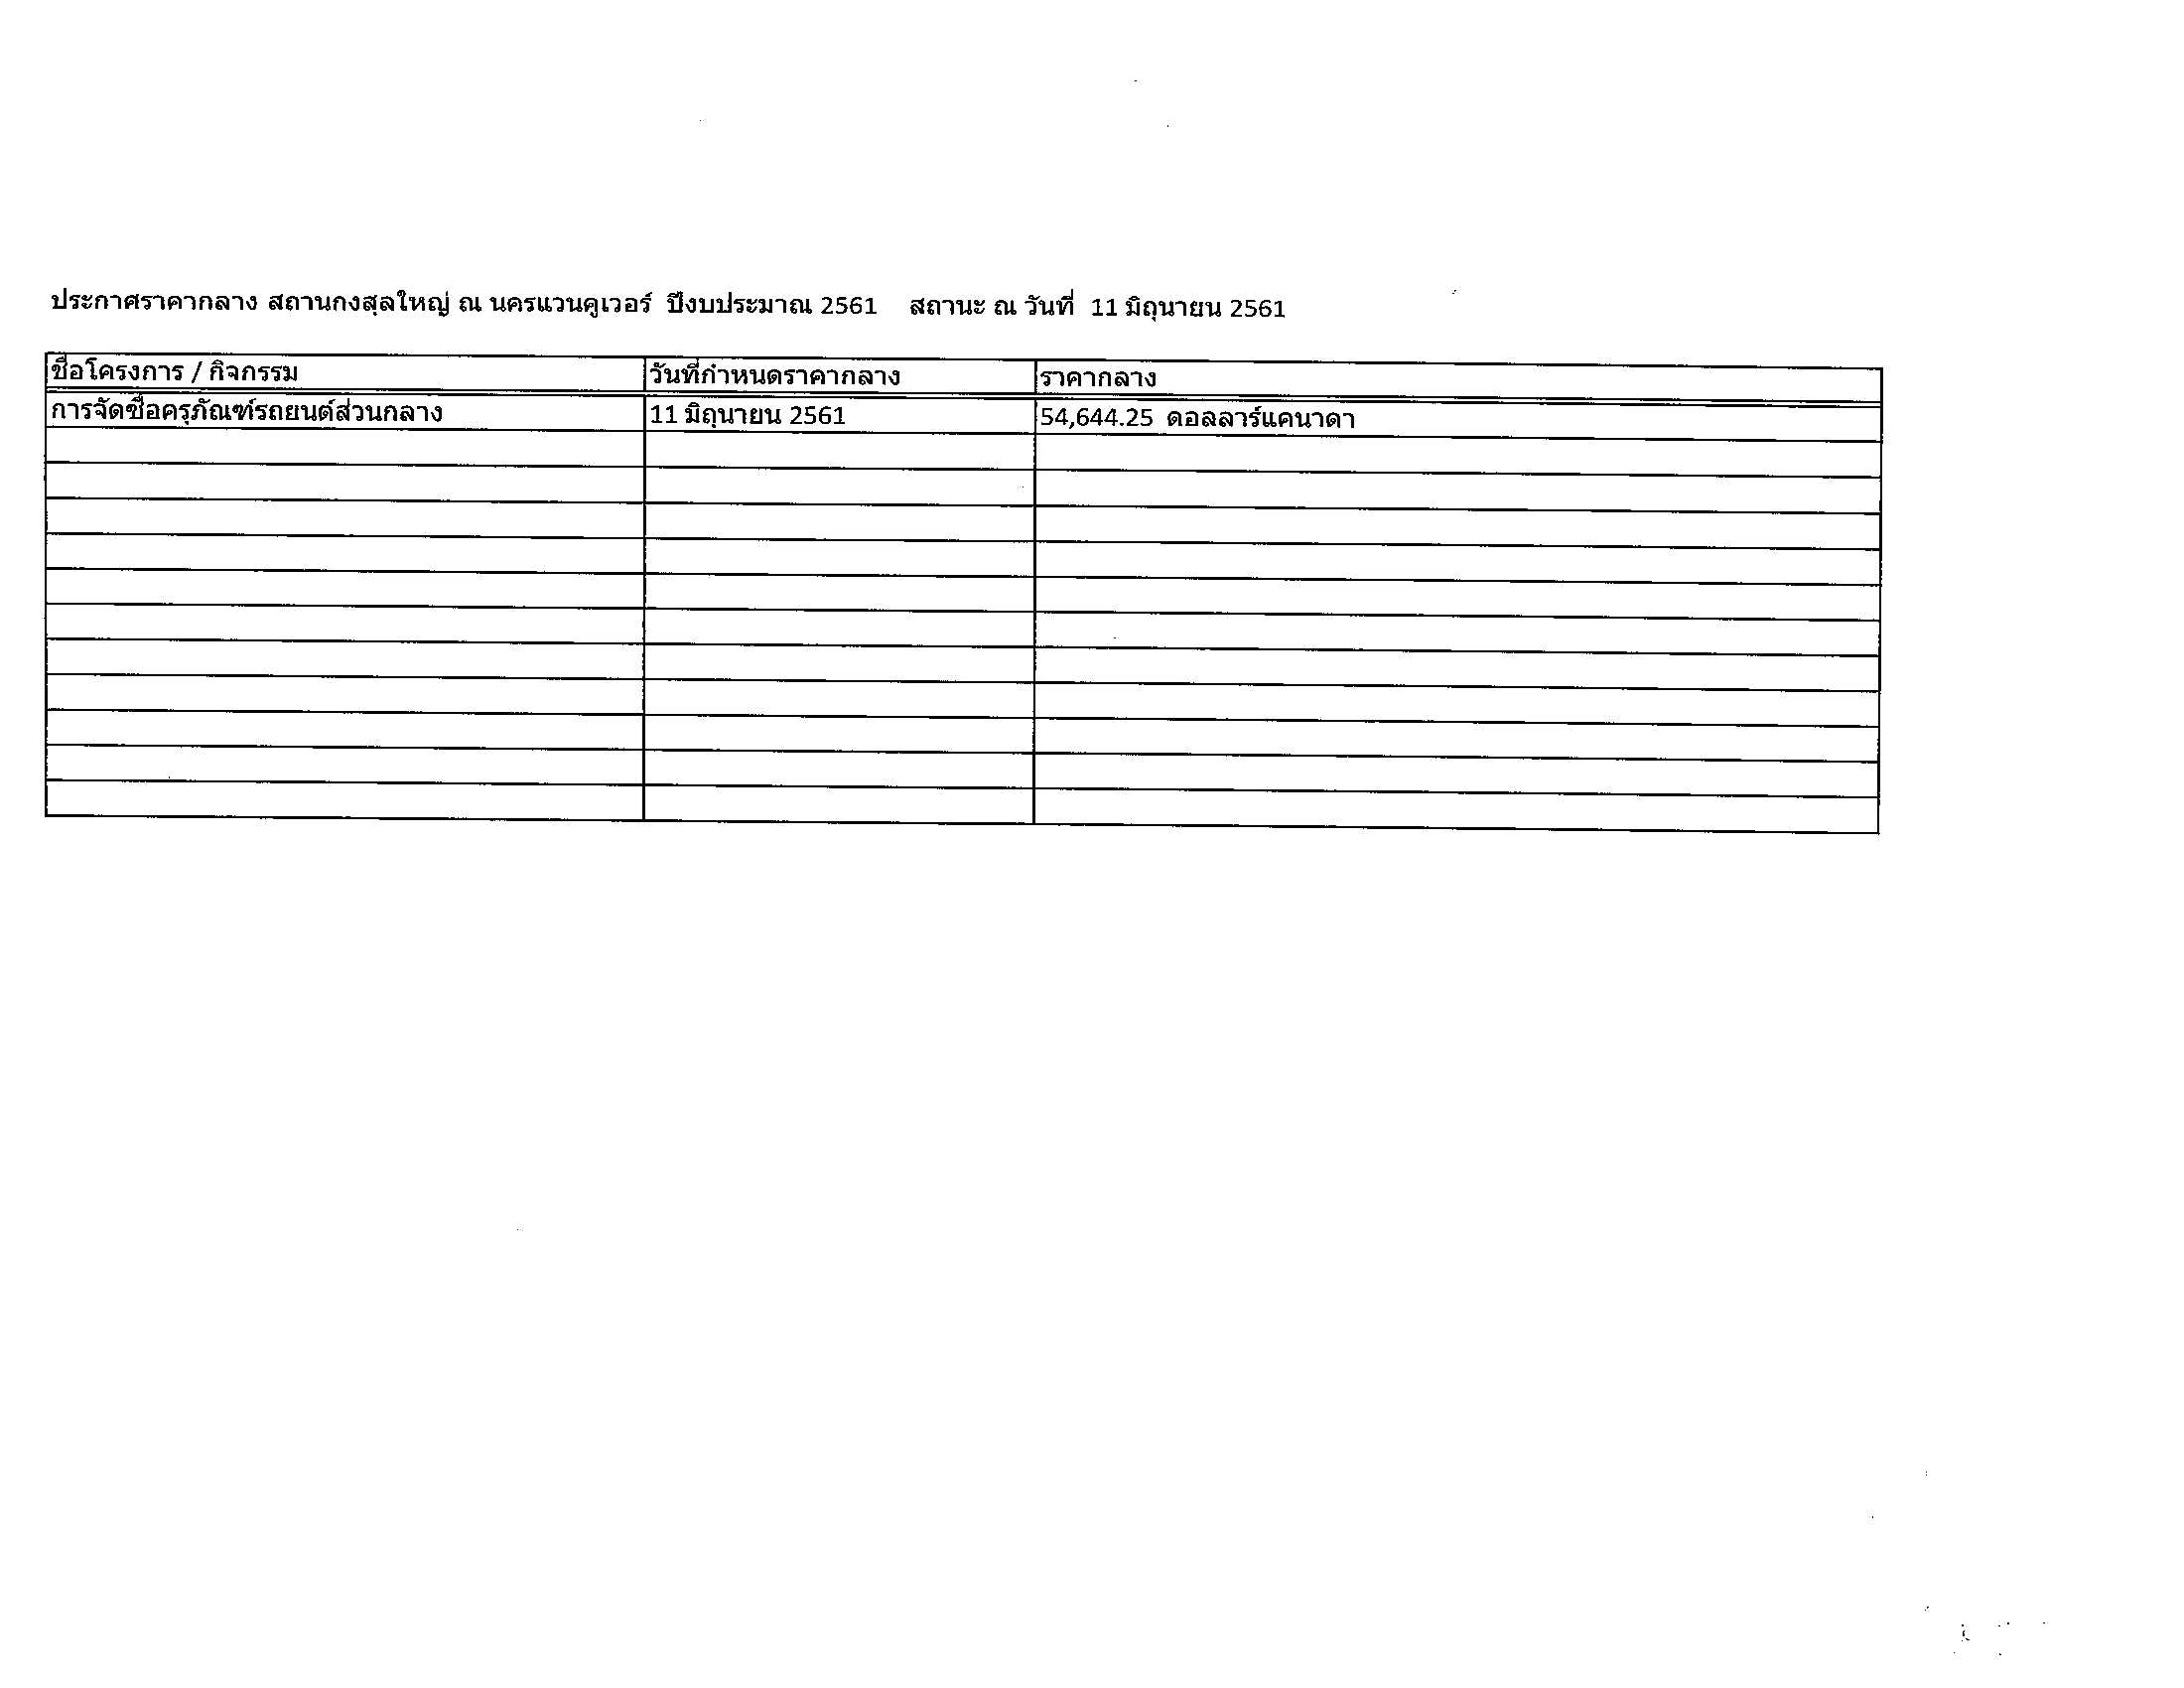 ประกาศราคากลาง สถานกงสุลใหญ่ ณ นครแวนคูเวอร์ ปีงบประมาณ 2561 สถานะ ณ วันที่ 11 มิถุนายน 2561